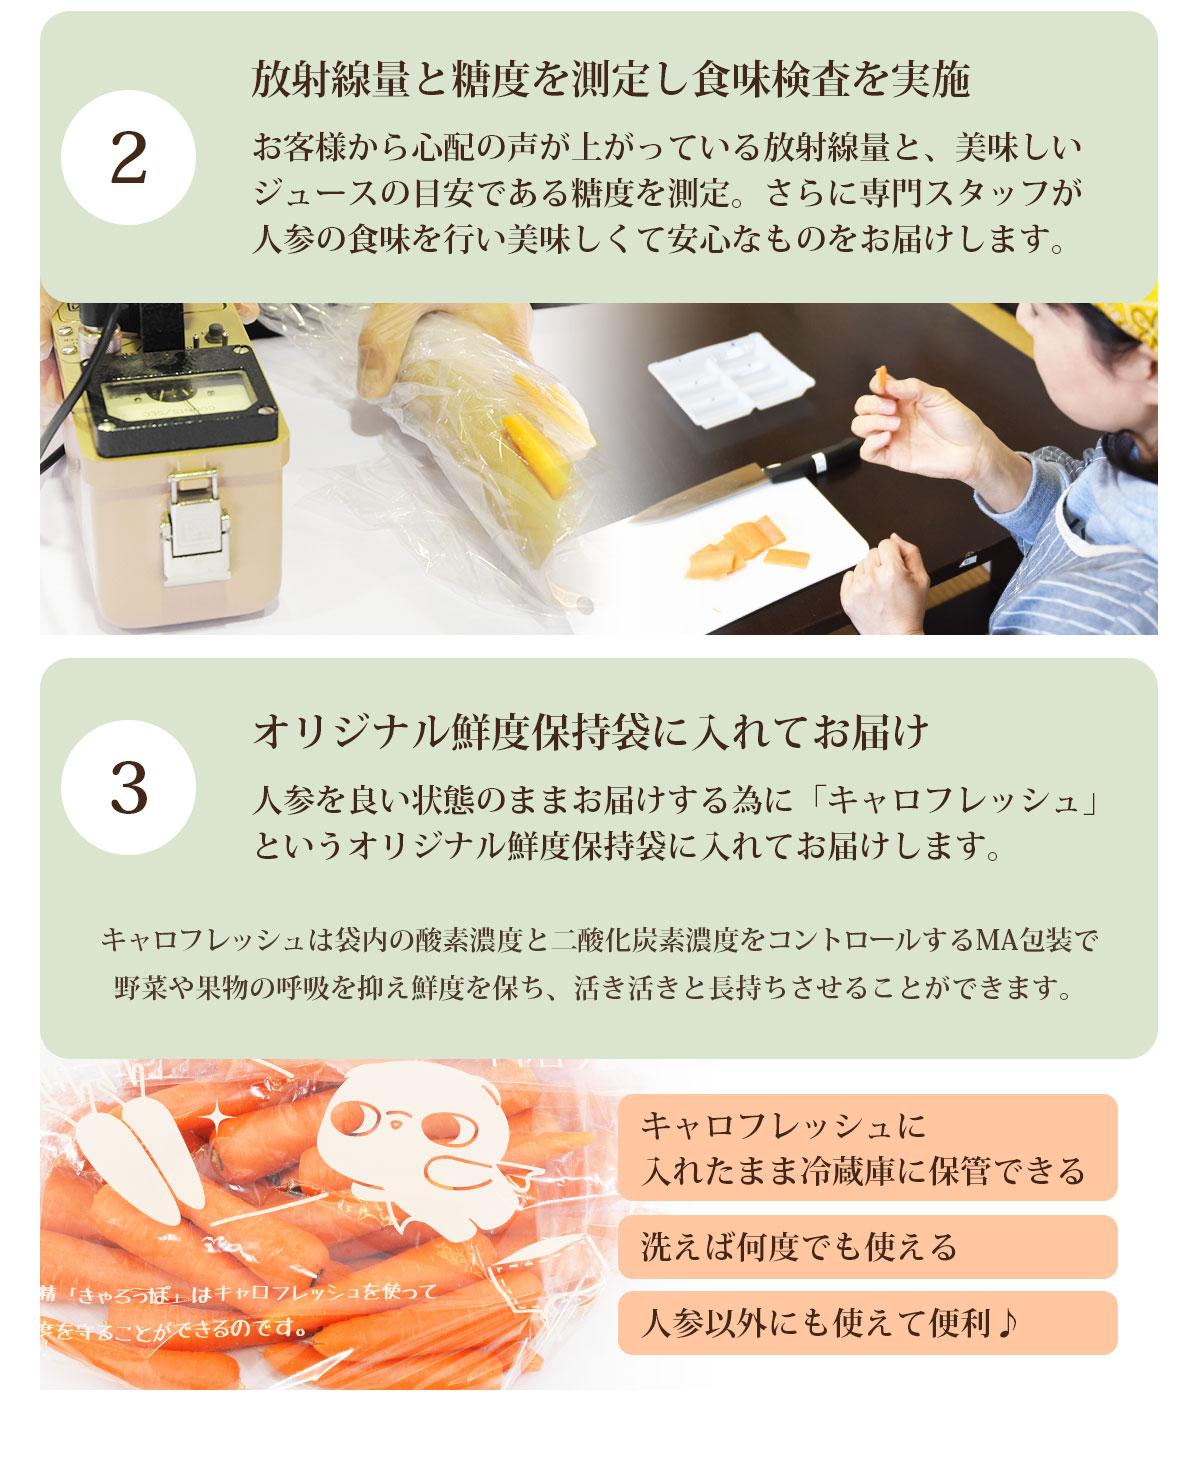 放射能測定と糖度を測定し食味検査を実施・オリジナル鮮度保持袋に入れてお届けします